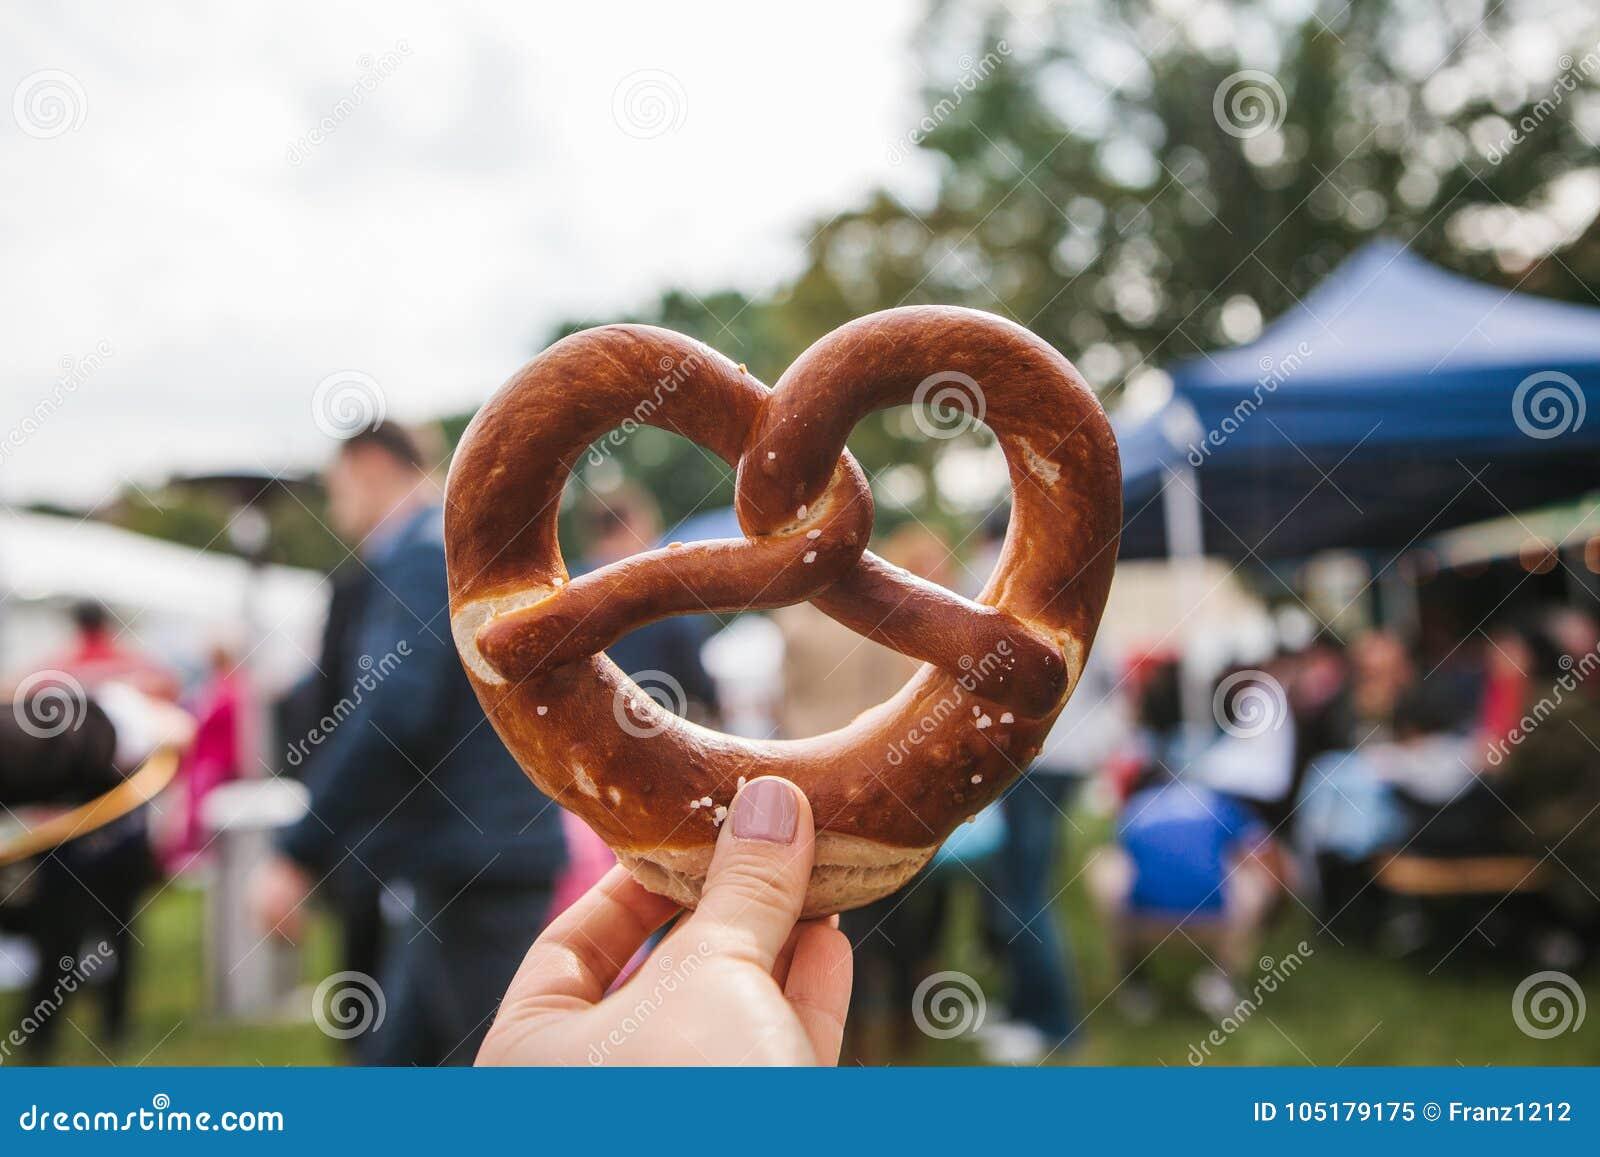 Célébration du festival allemand célèbre Oktoberfest de bière que la personne se tient dans sa main un bretzel traditionnel a app